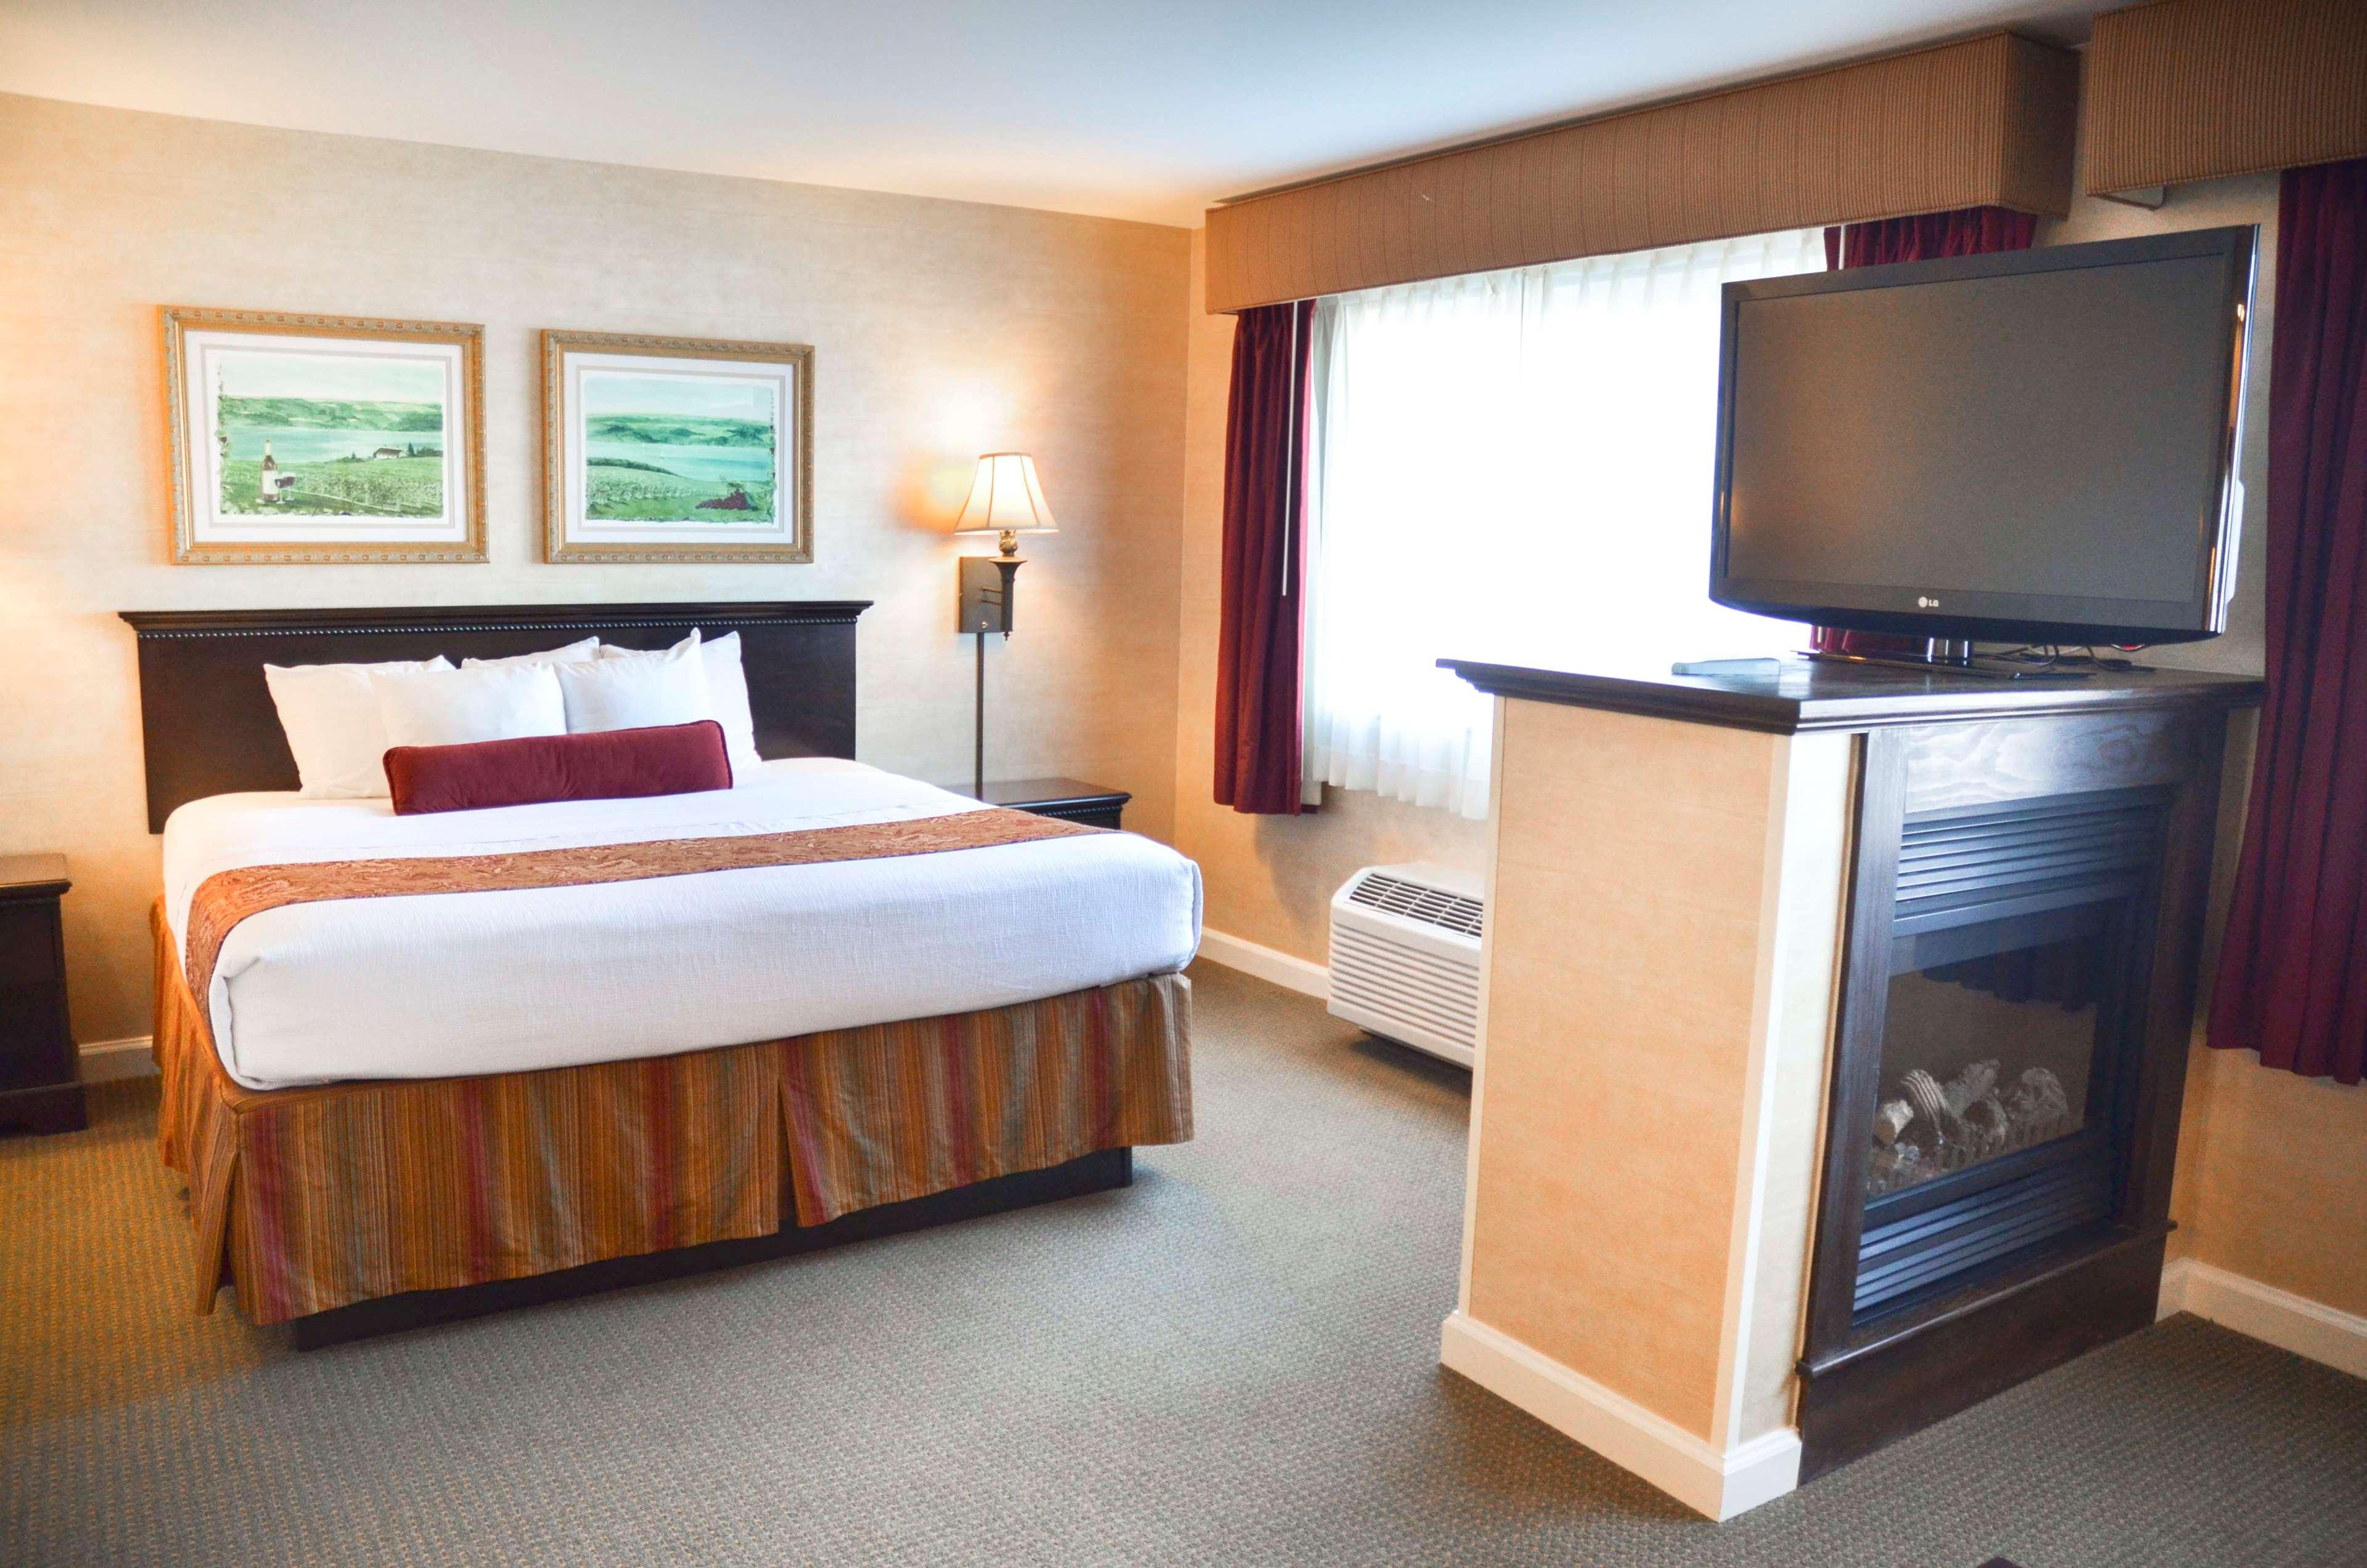 Best Western Plus Vineyard Inn & Suites image 24